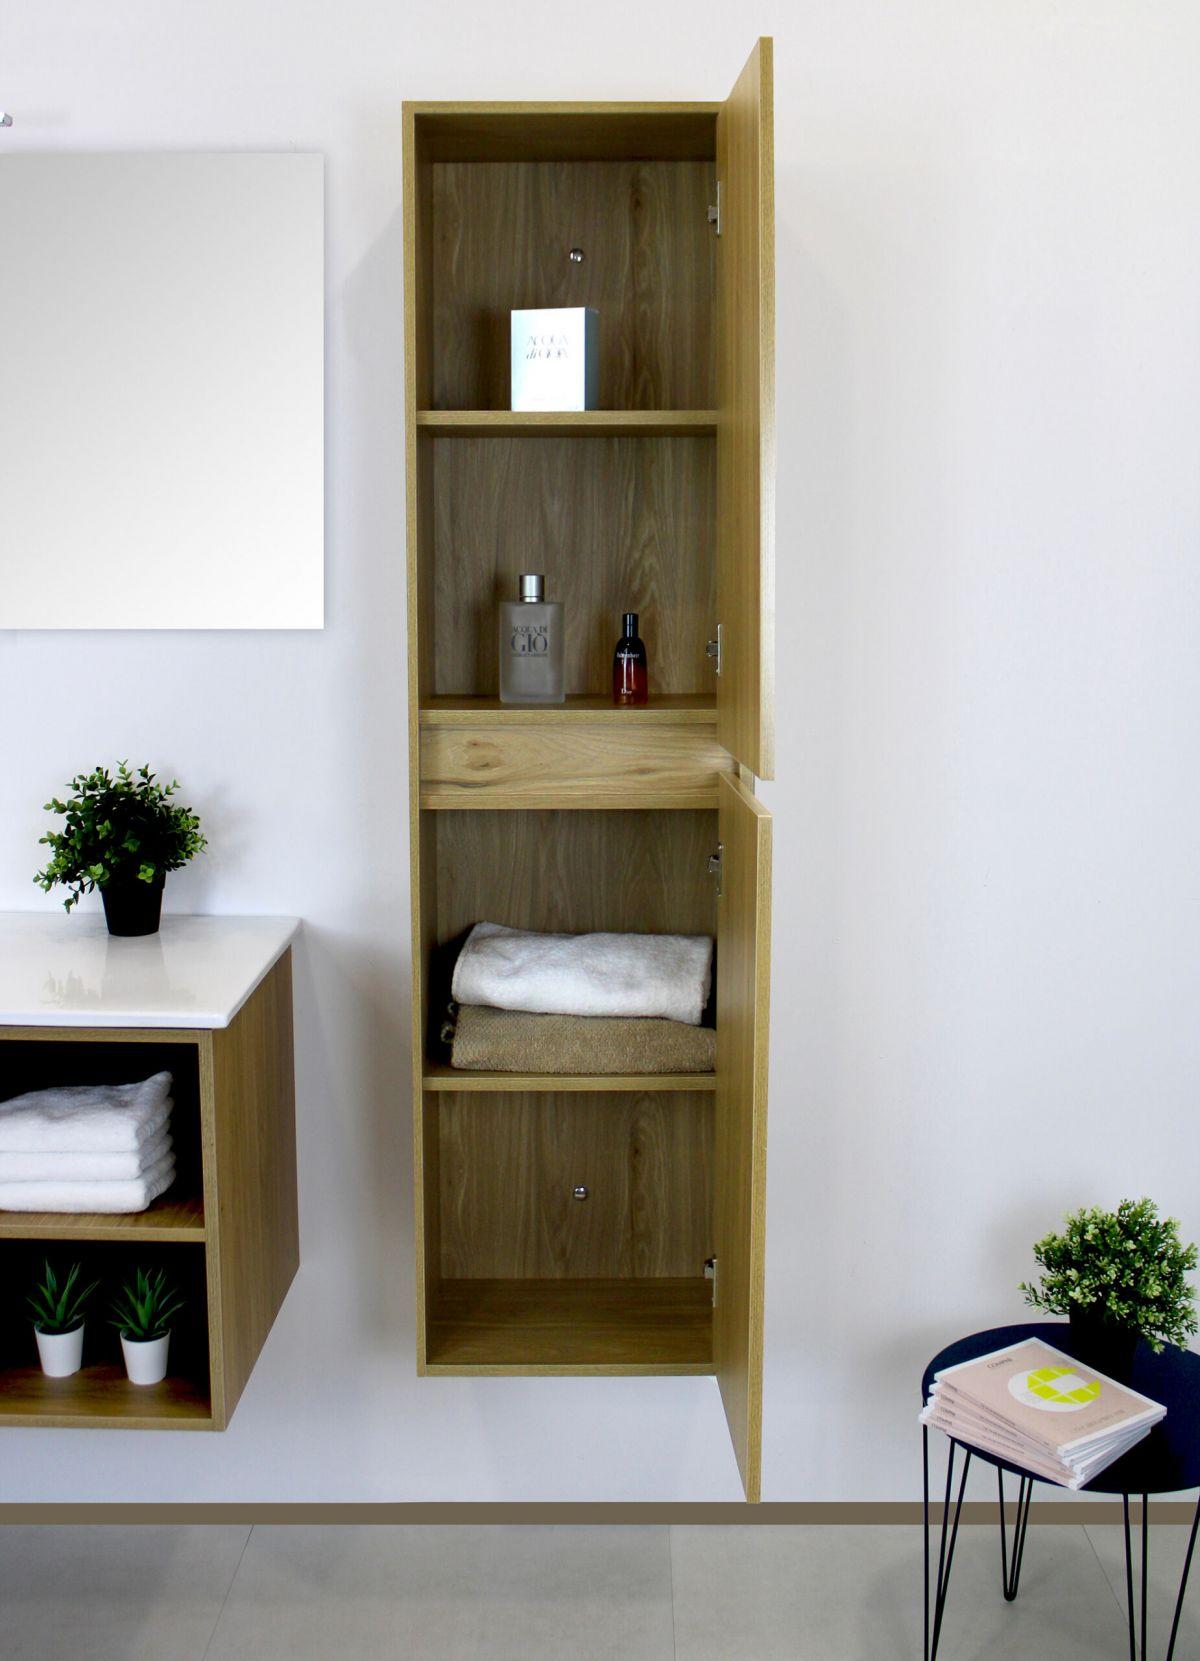 PENSILE LONDRA ROVERE APERTO scaled Pensile bagno sospeso 40x30x 150h cm con 2 anta color rovere effetto legno